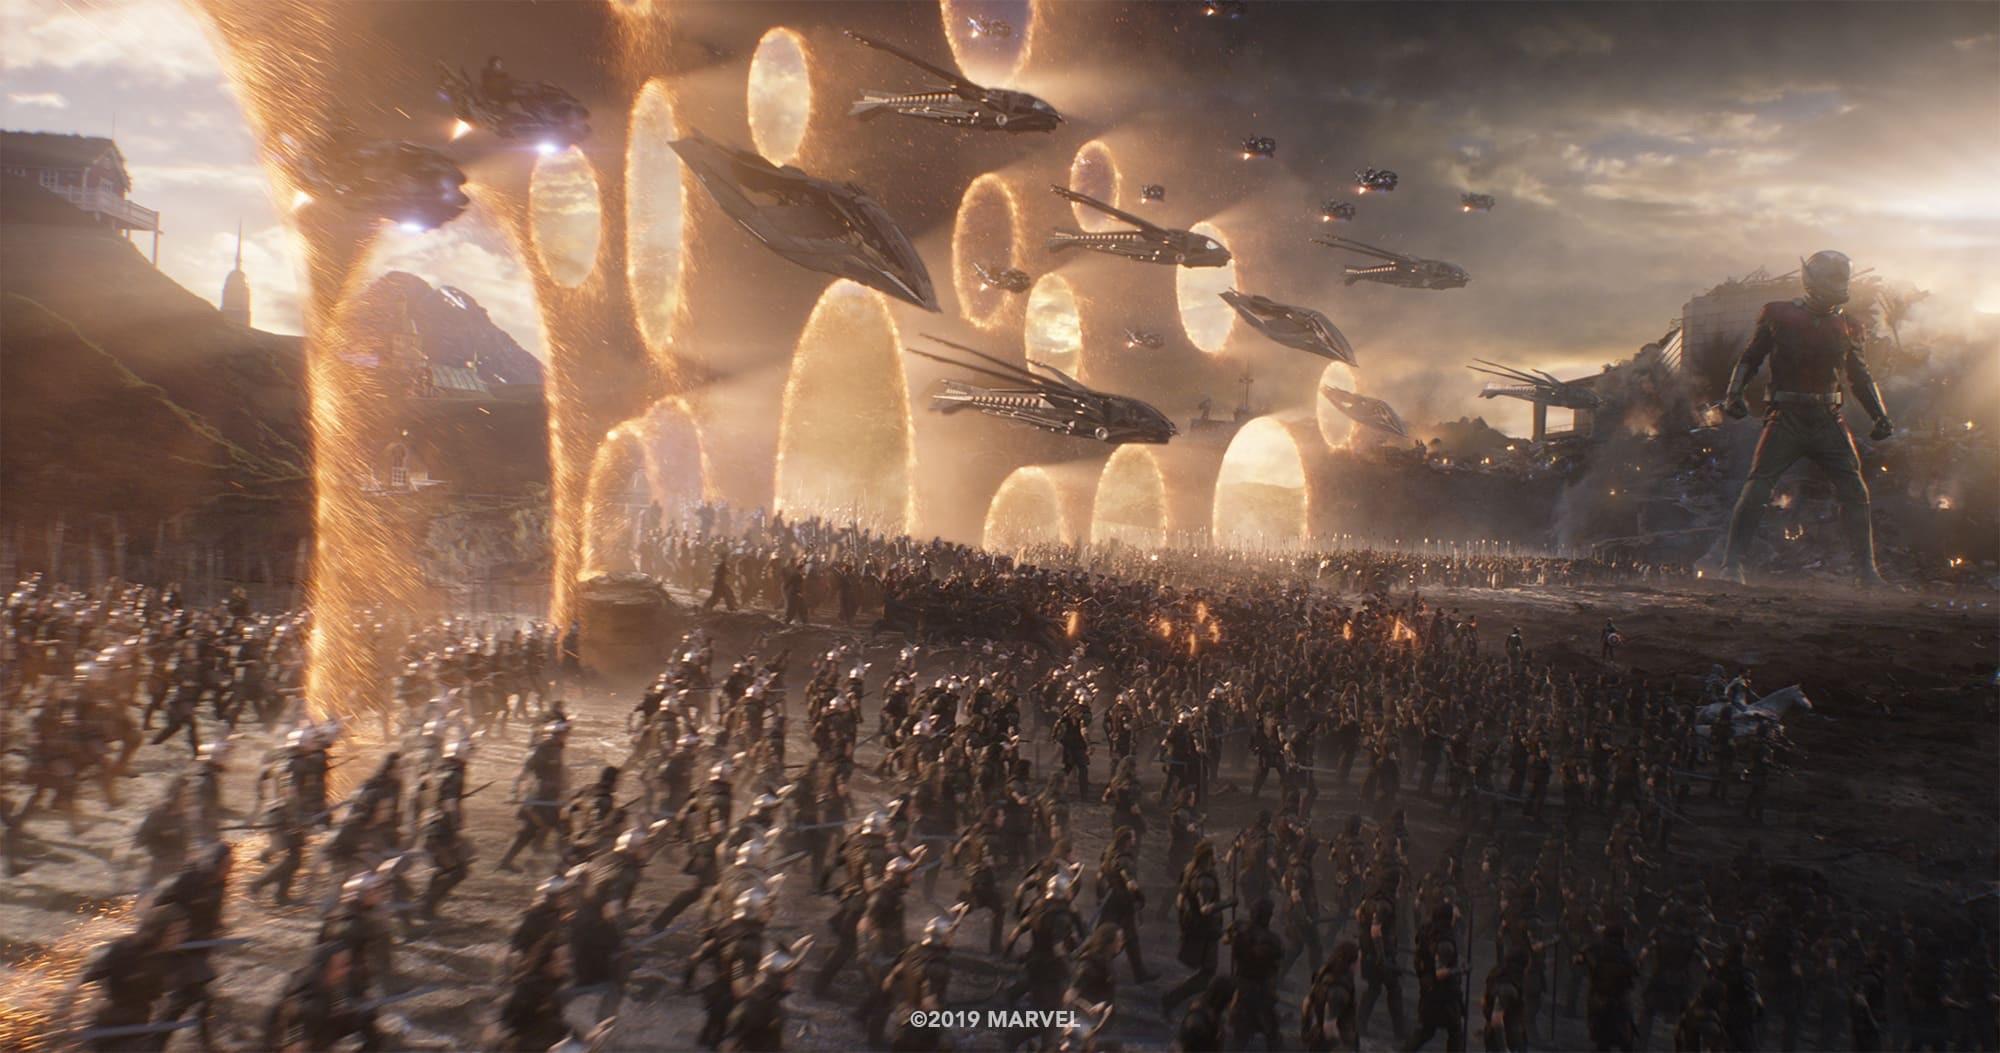 5.) Avengers: Endgame